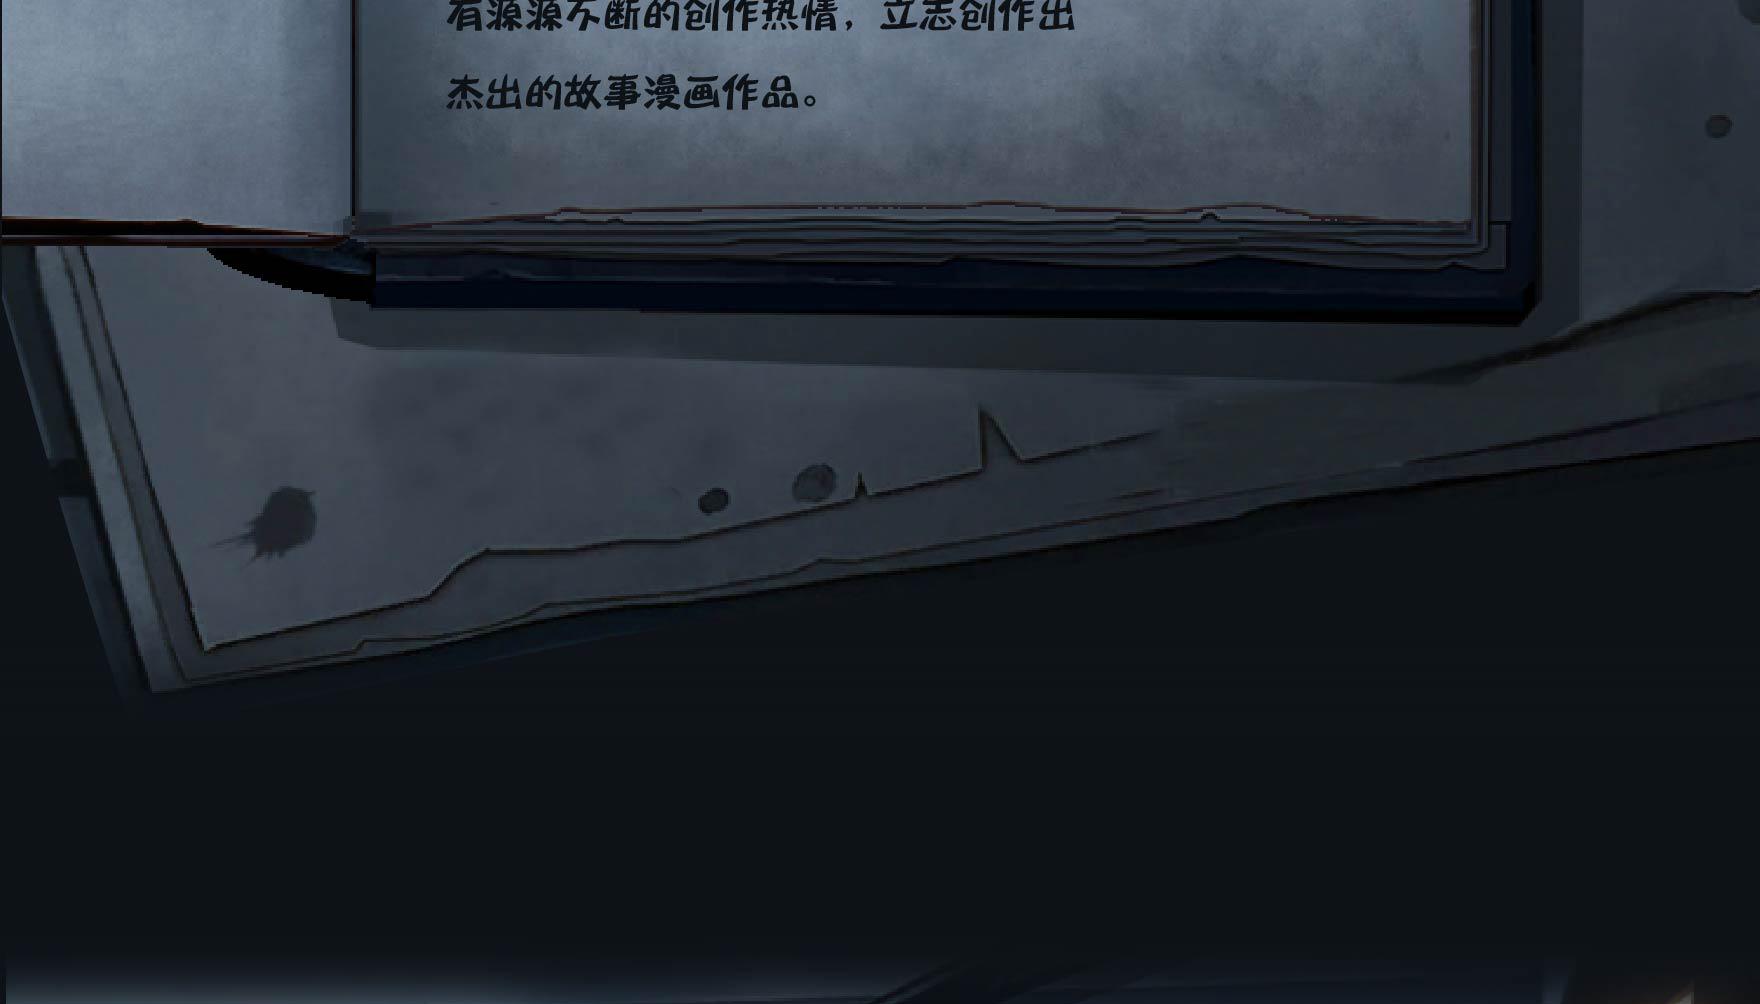 月圆之夜(3-24.jpg